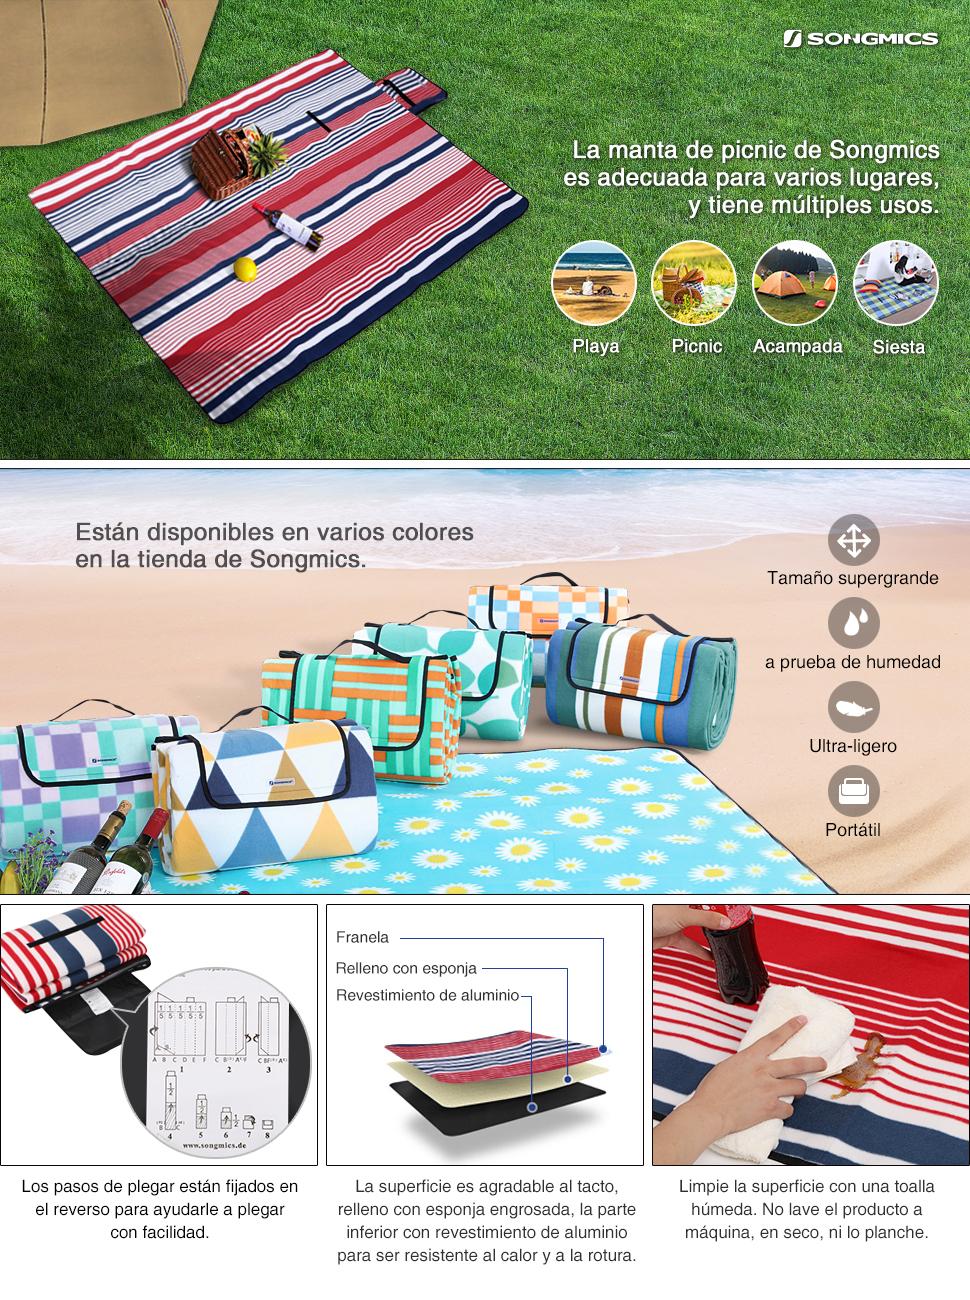 Esta manta para picnic es ligero y robusto, de colores decorativos. Tiene un gran tamaño extendido para ofrecer un espacio suficiente para varias personas.